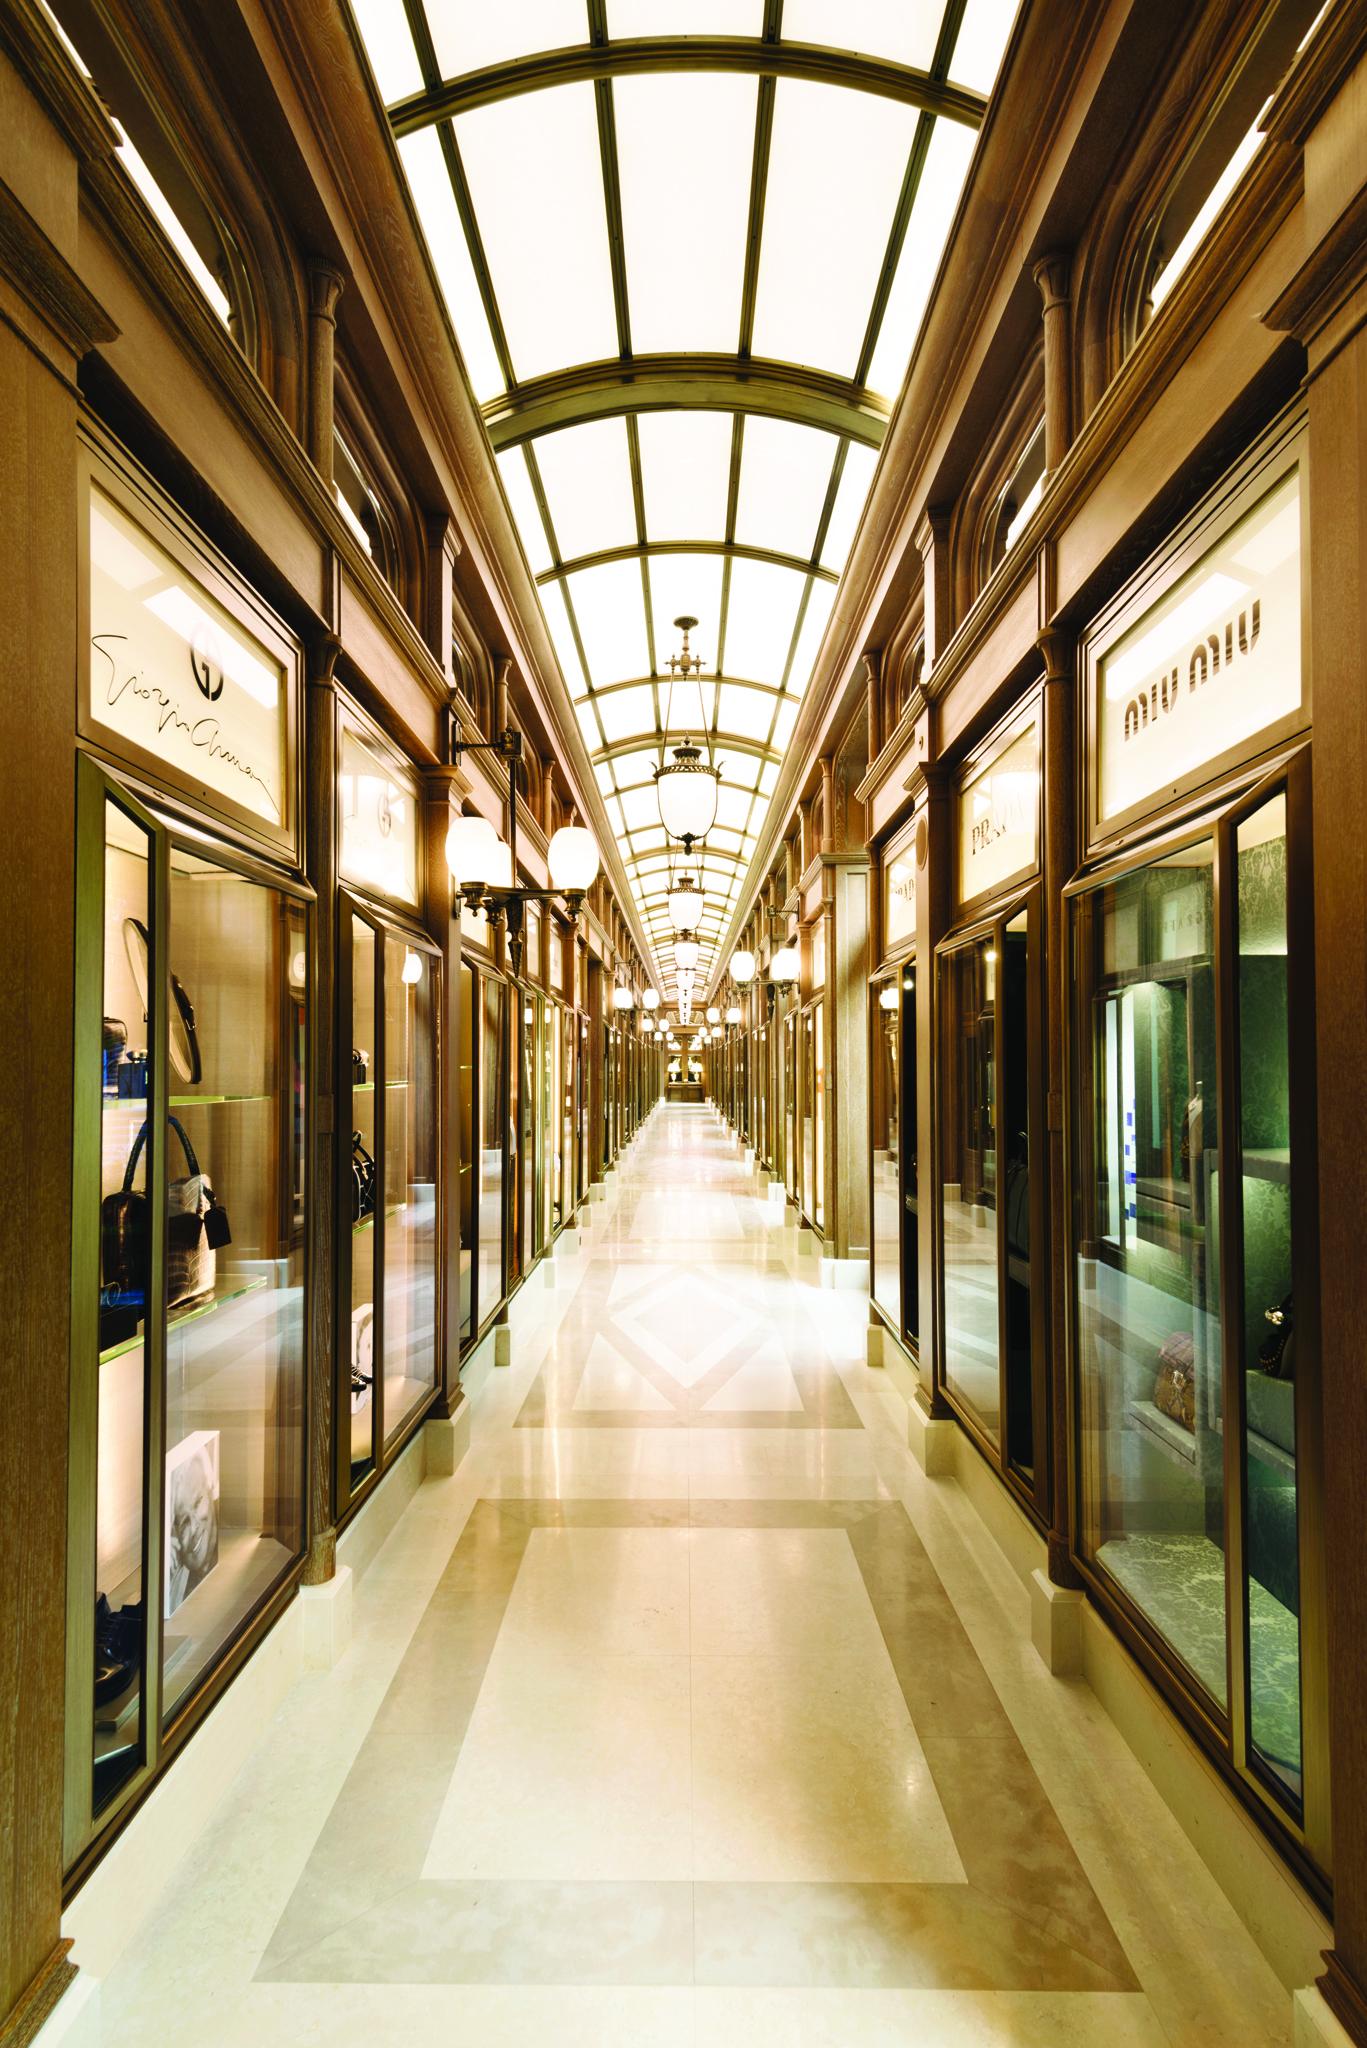 The La Galerie du Ritz Paris connects the Place Vendôme to the Rue Cambon.